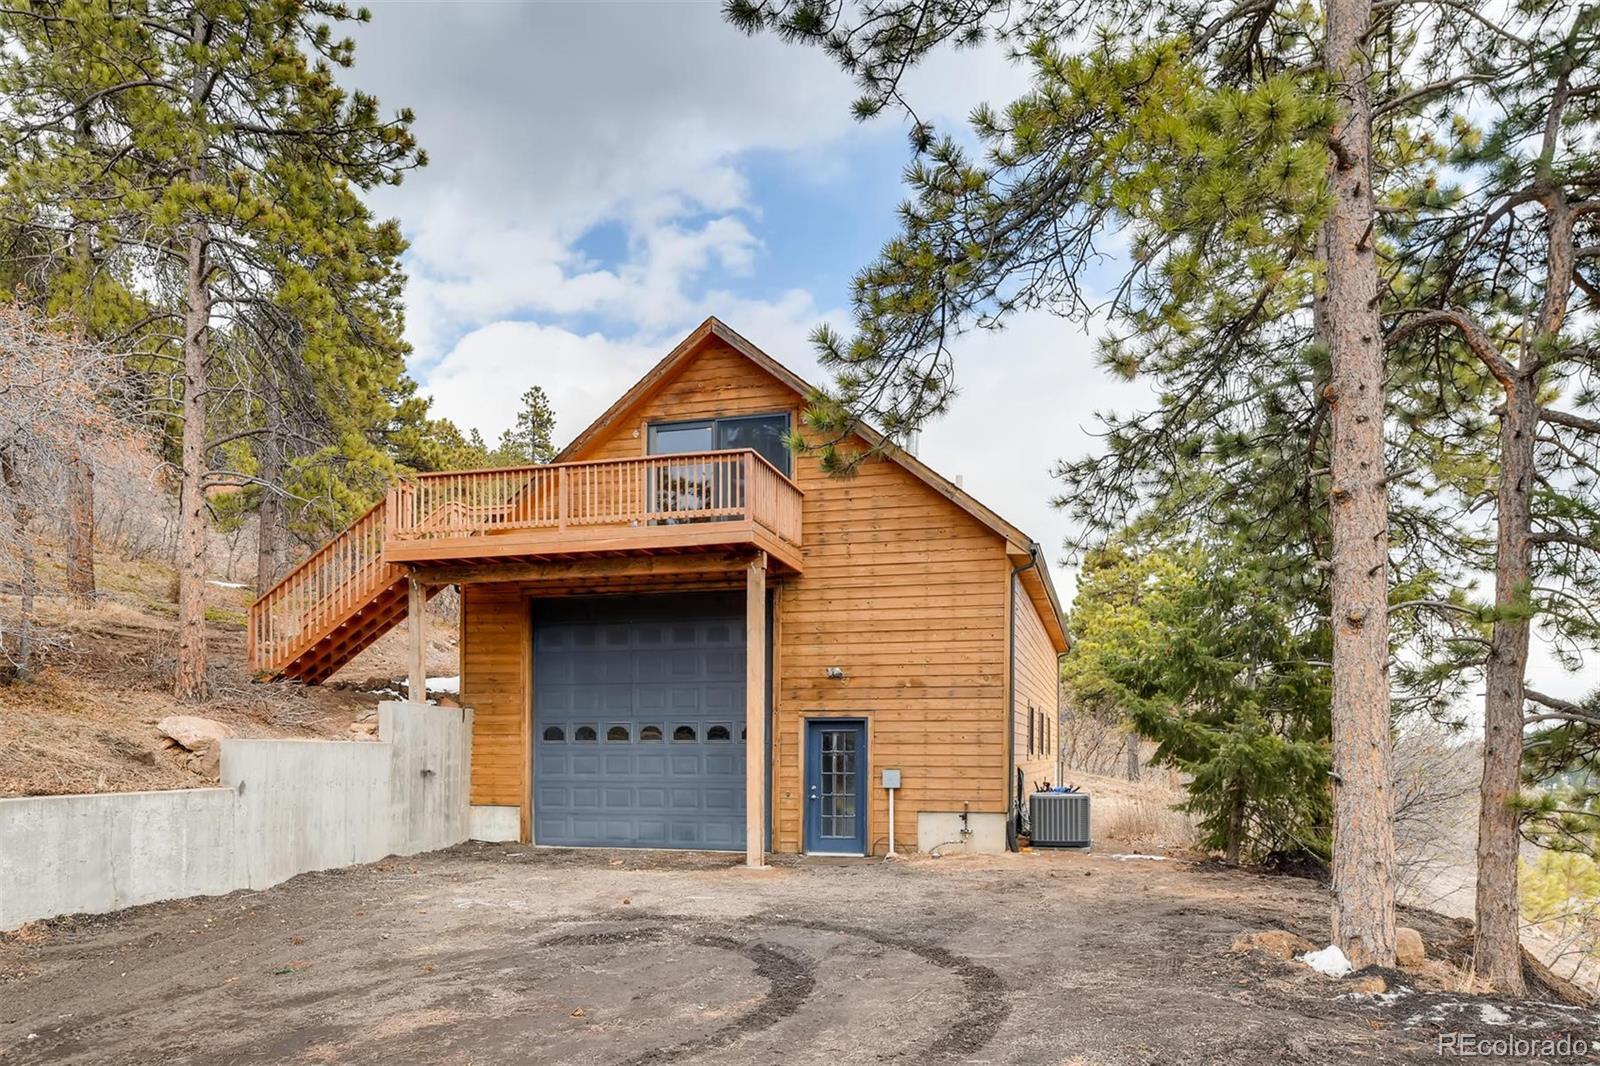 MLS# 5313125 - 27 - 11911 Antler Trail, Littleton, CO 80127